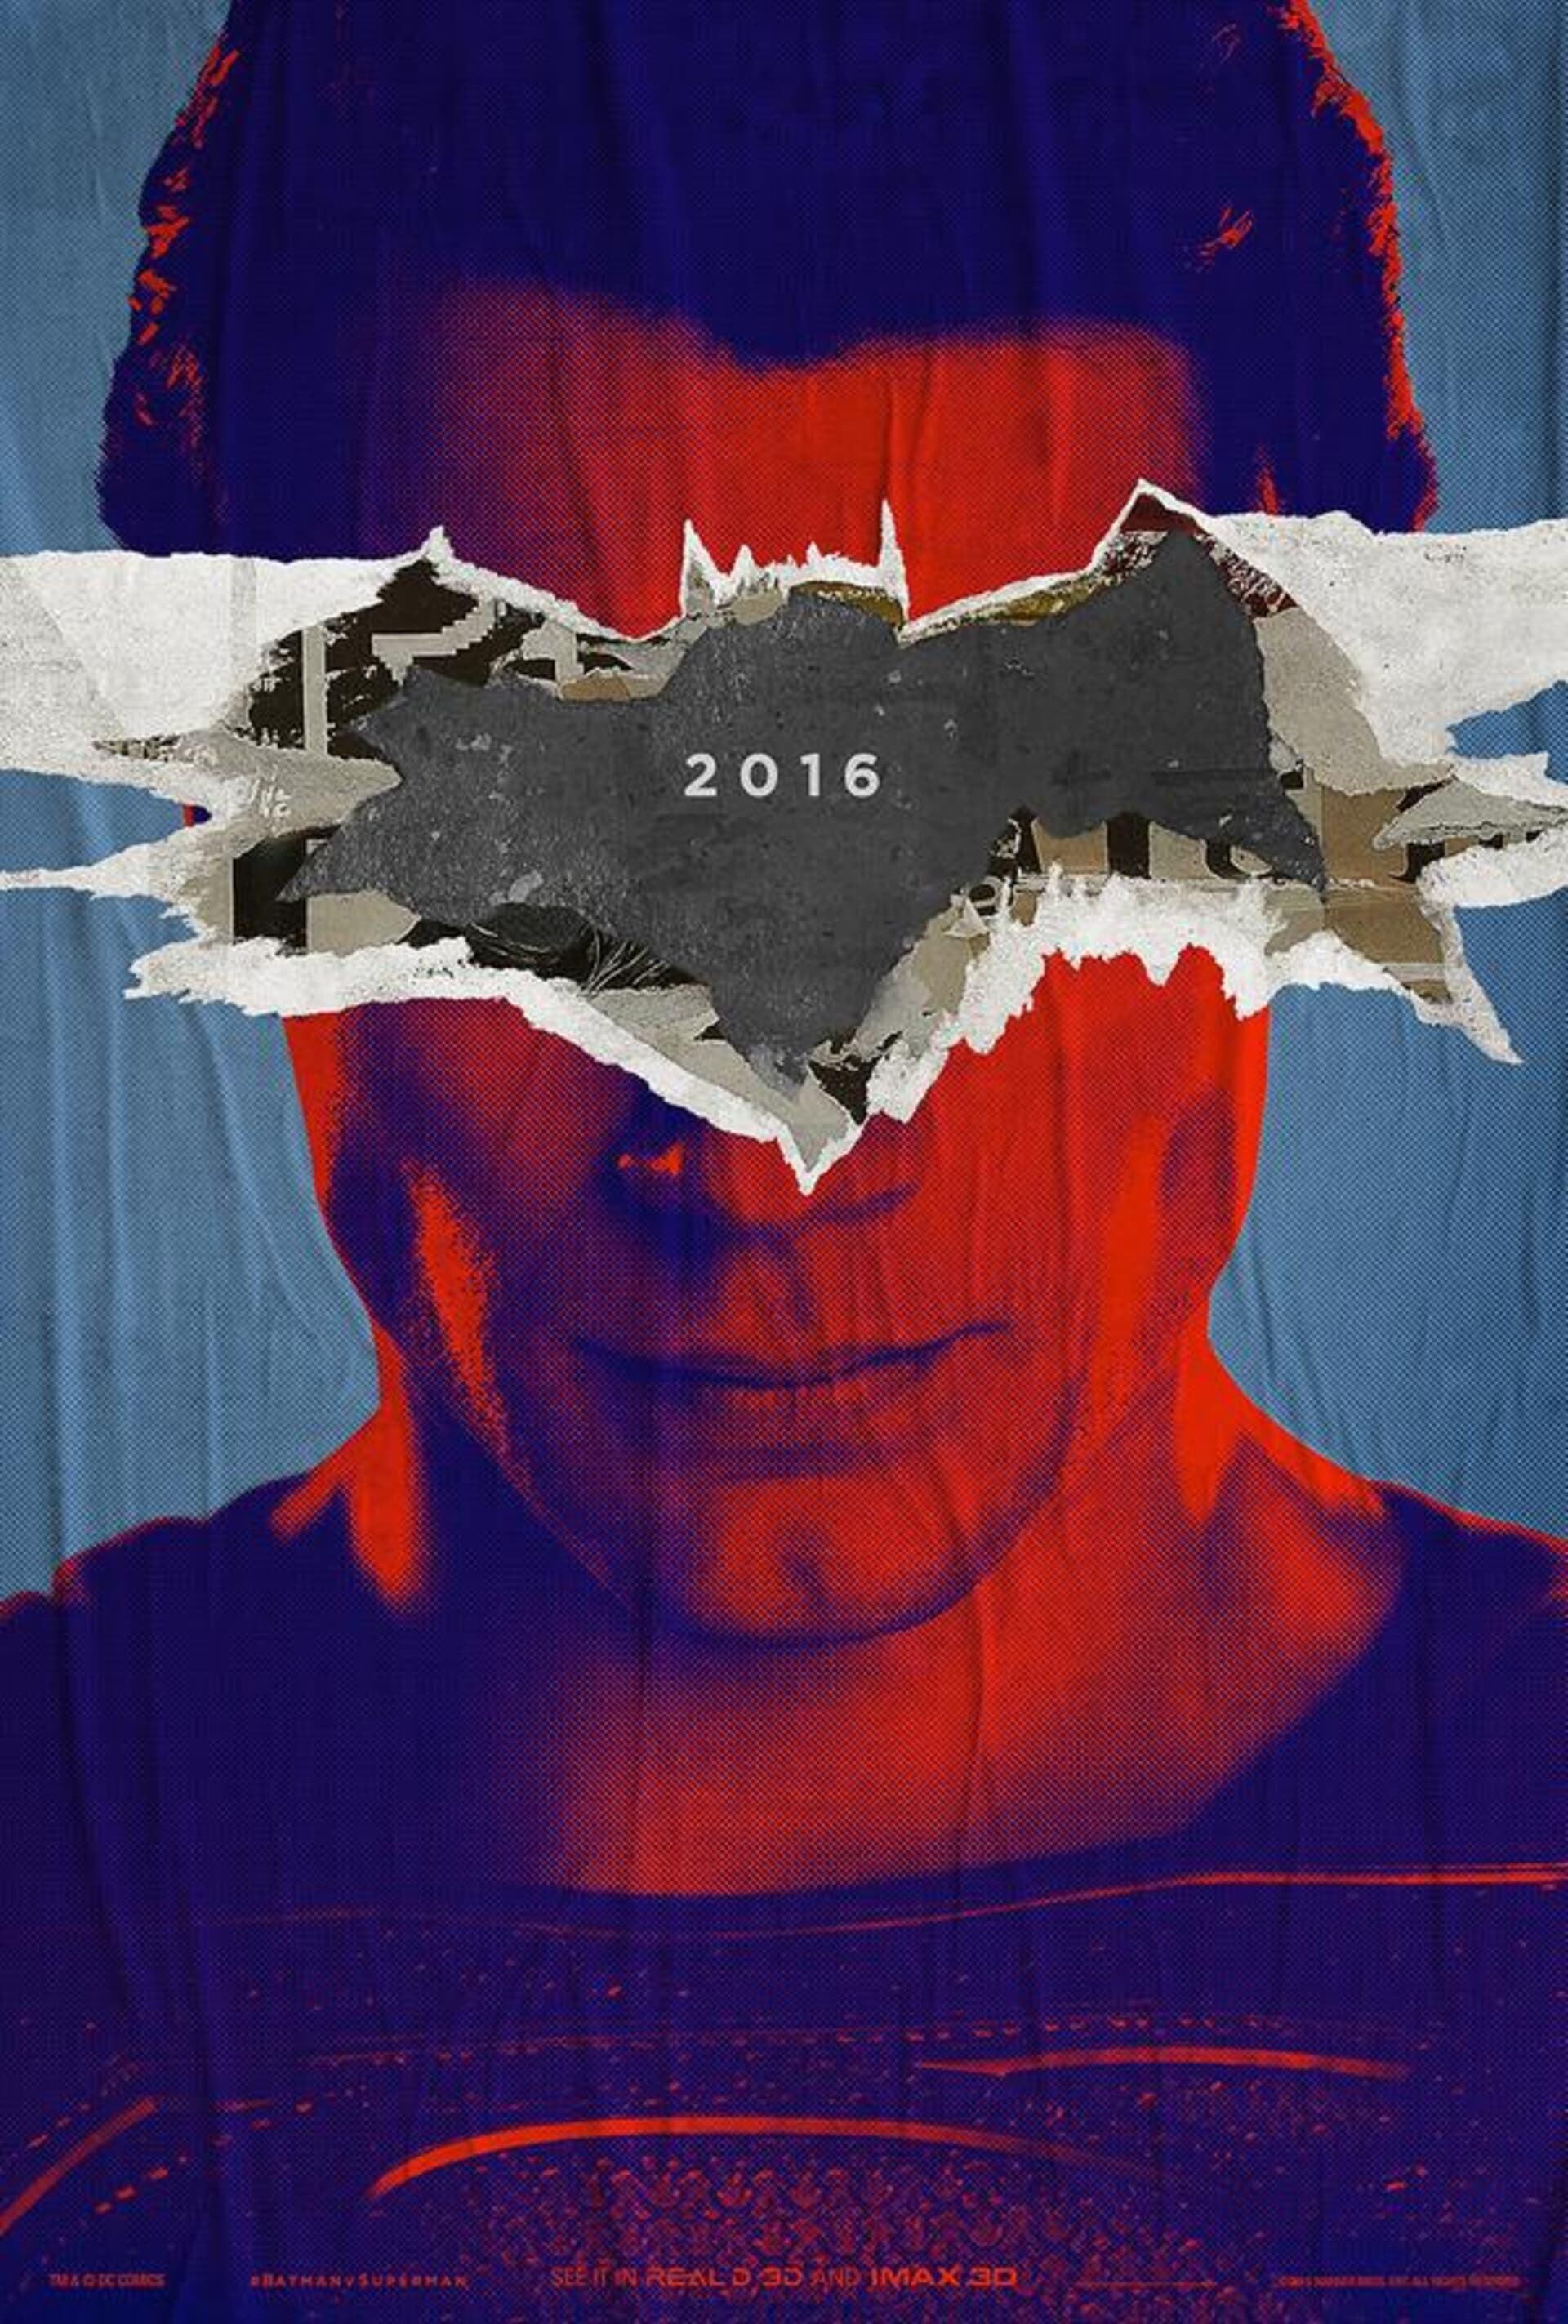 Batman v Superman: Dawn of Justice - Poster 3